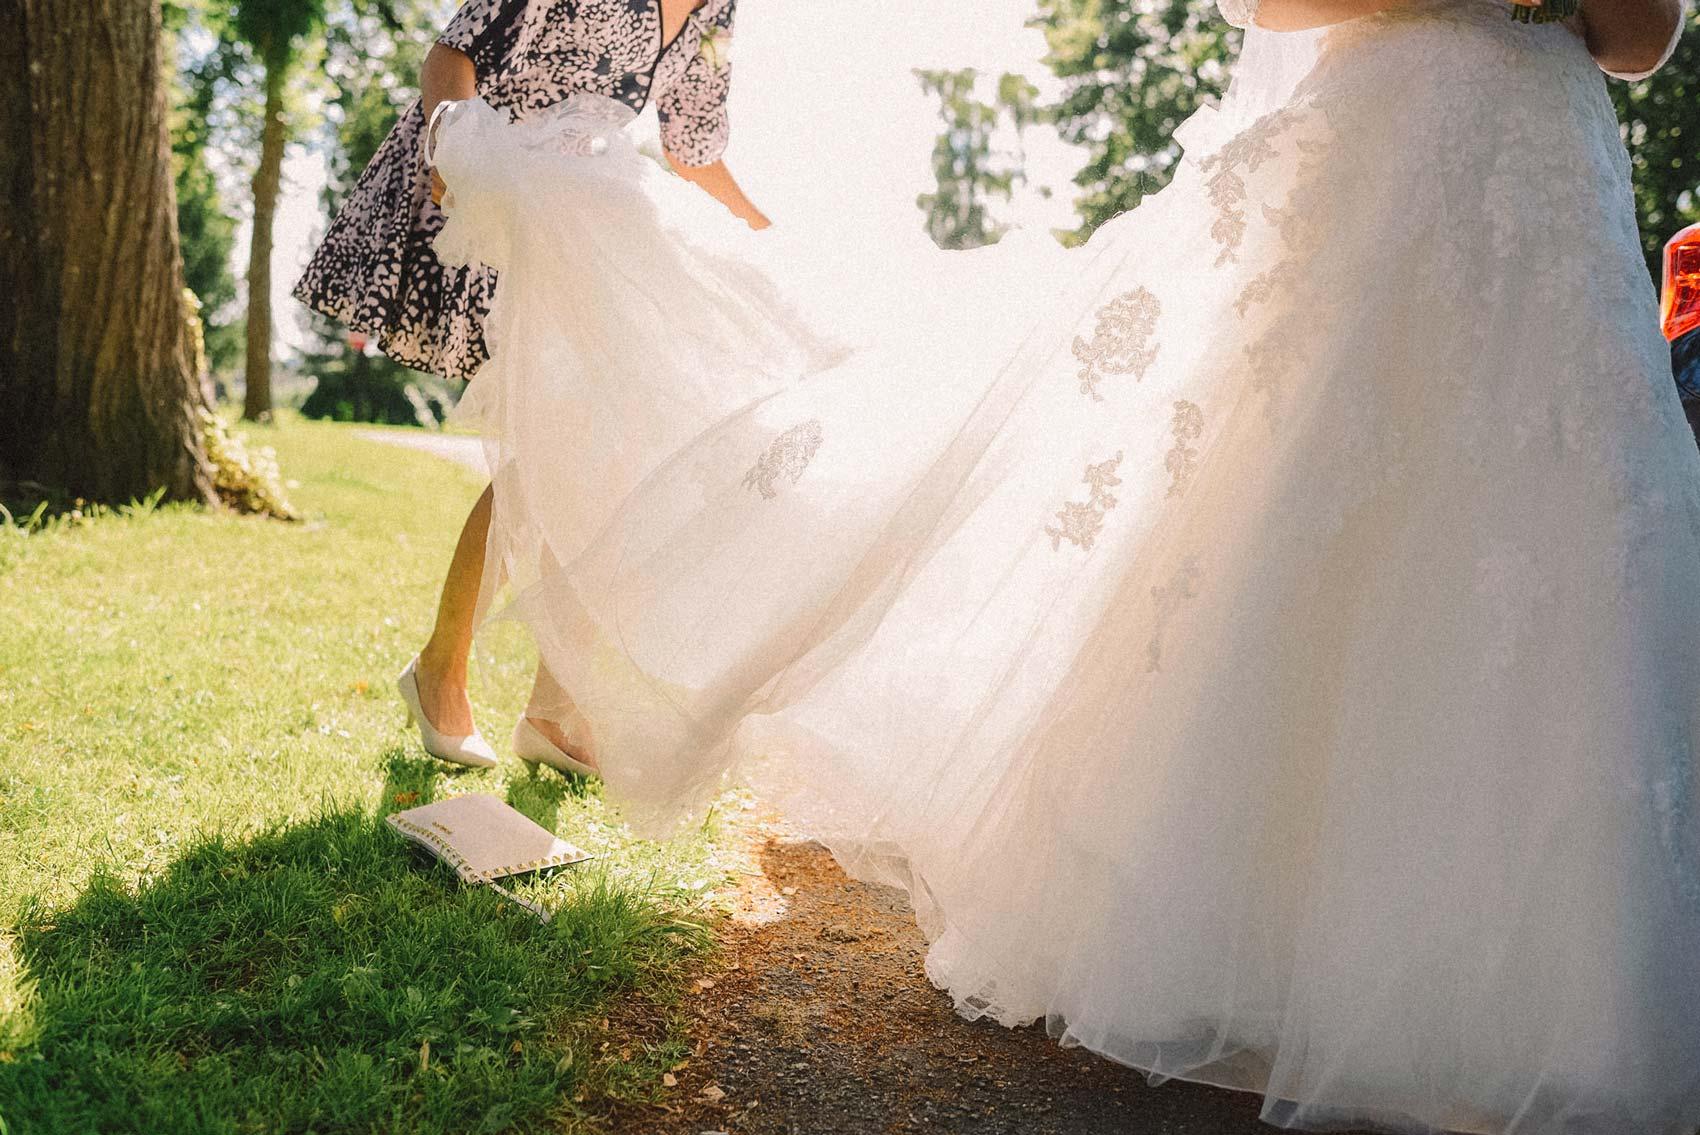 Brudekjole i solen, brud gjør seg klar til å gå inn i kirke